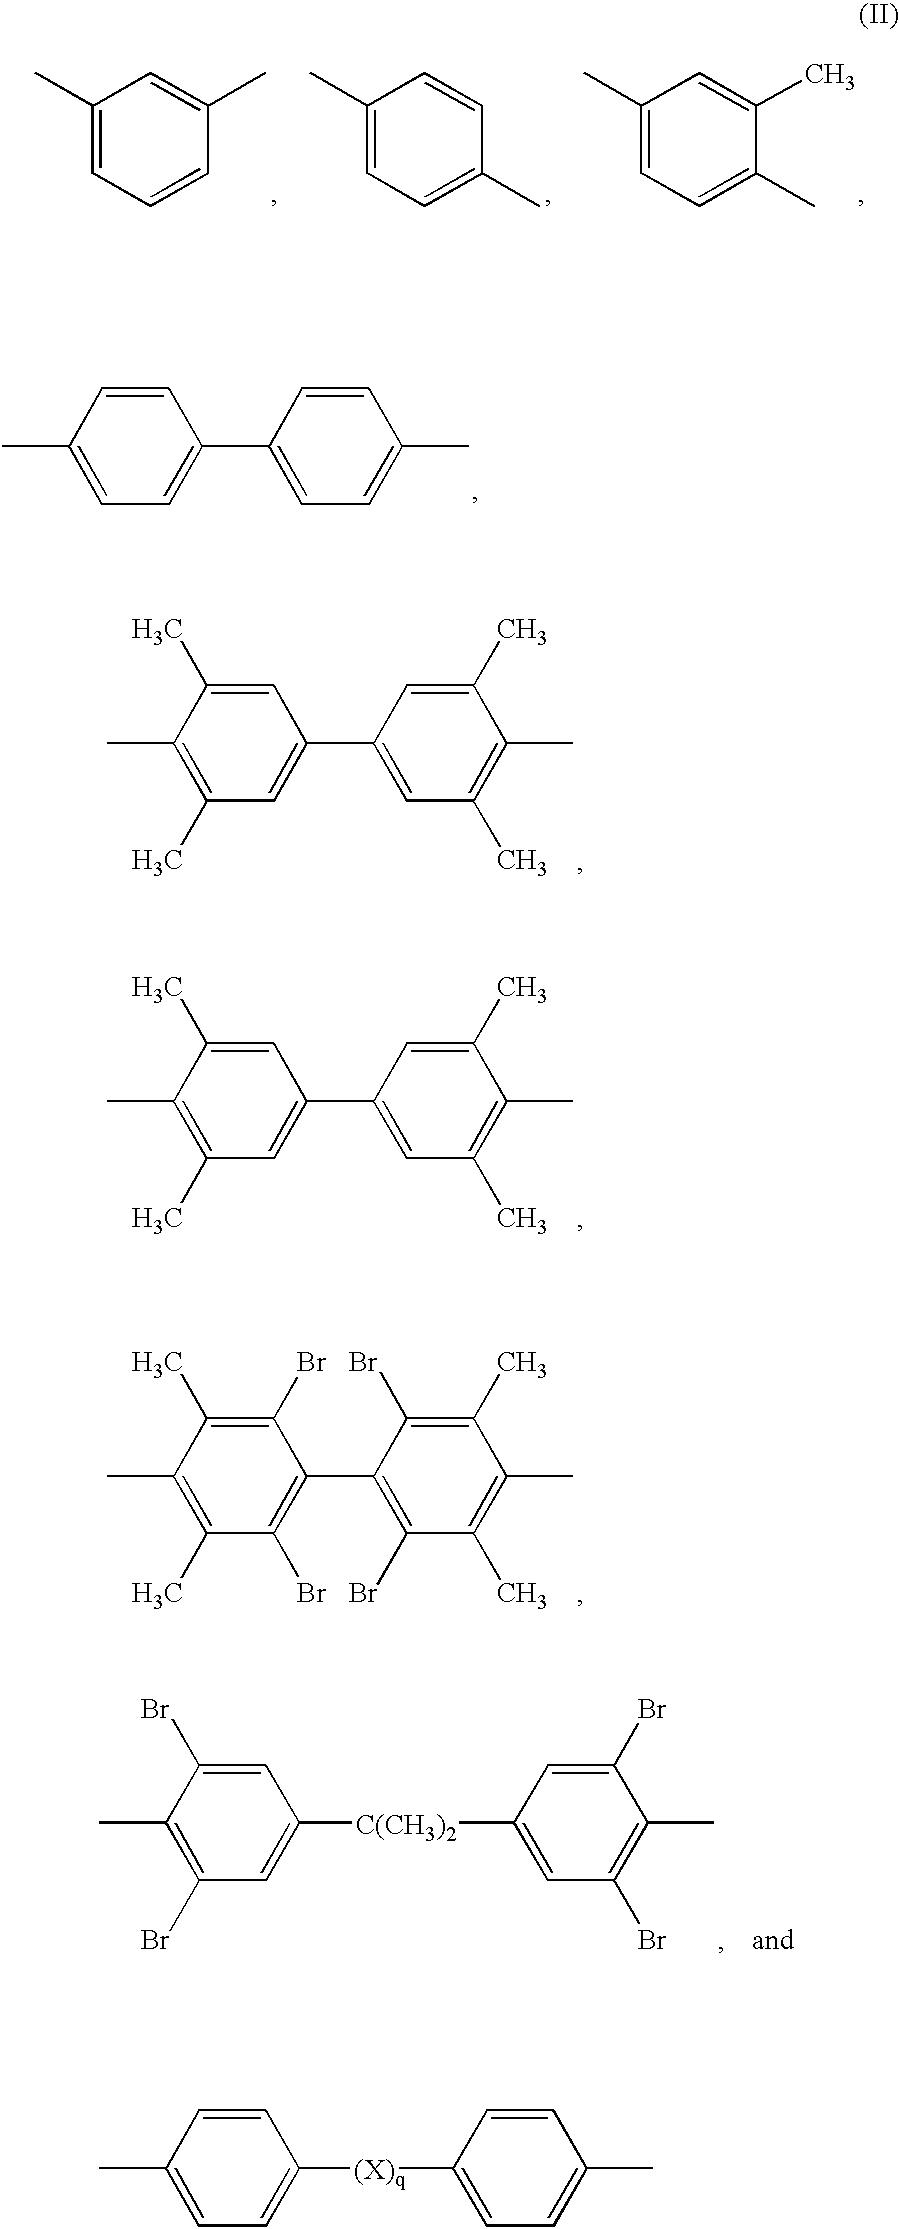 Figure US06753365-20040622-C00010